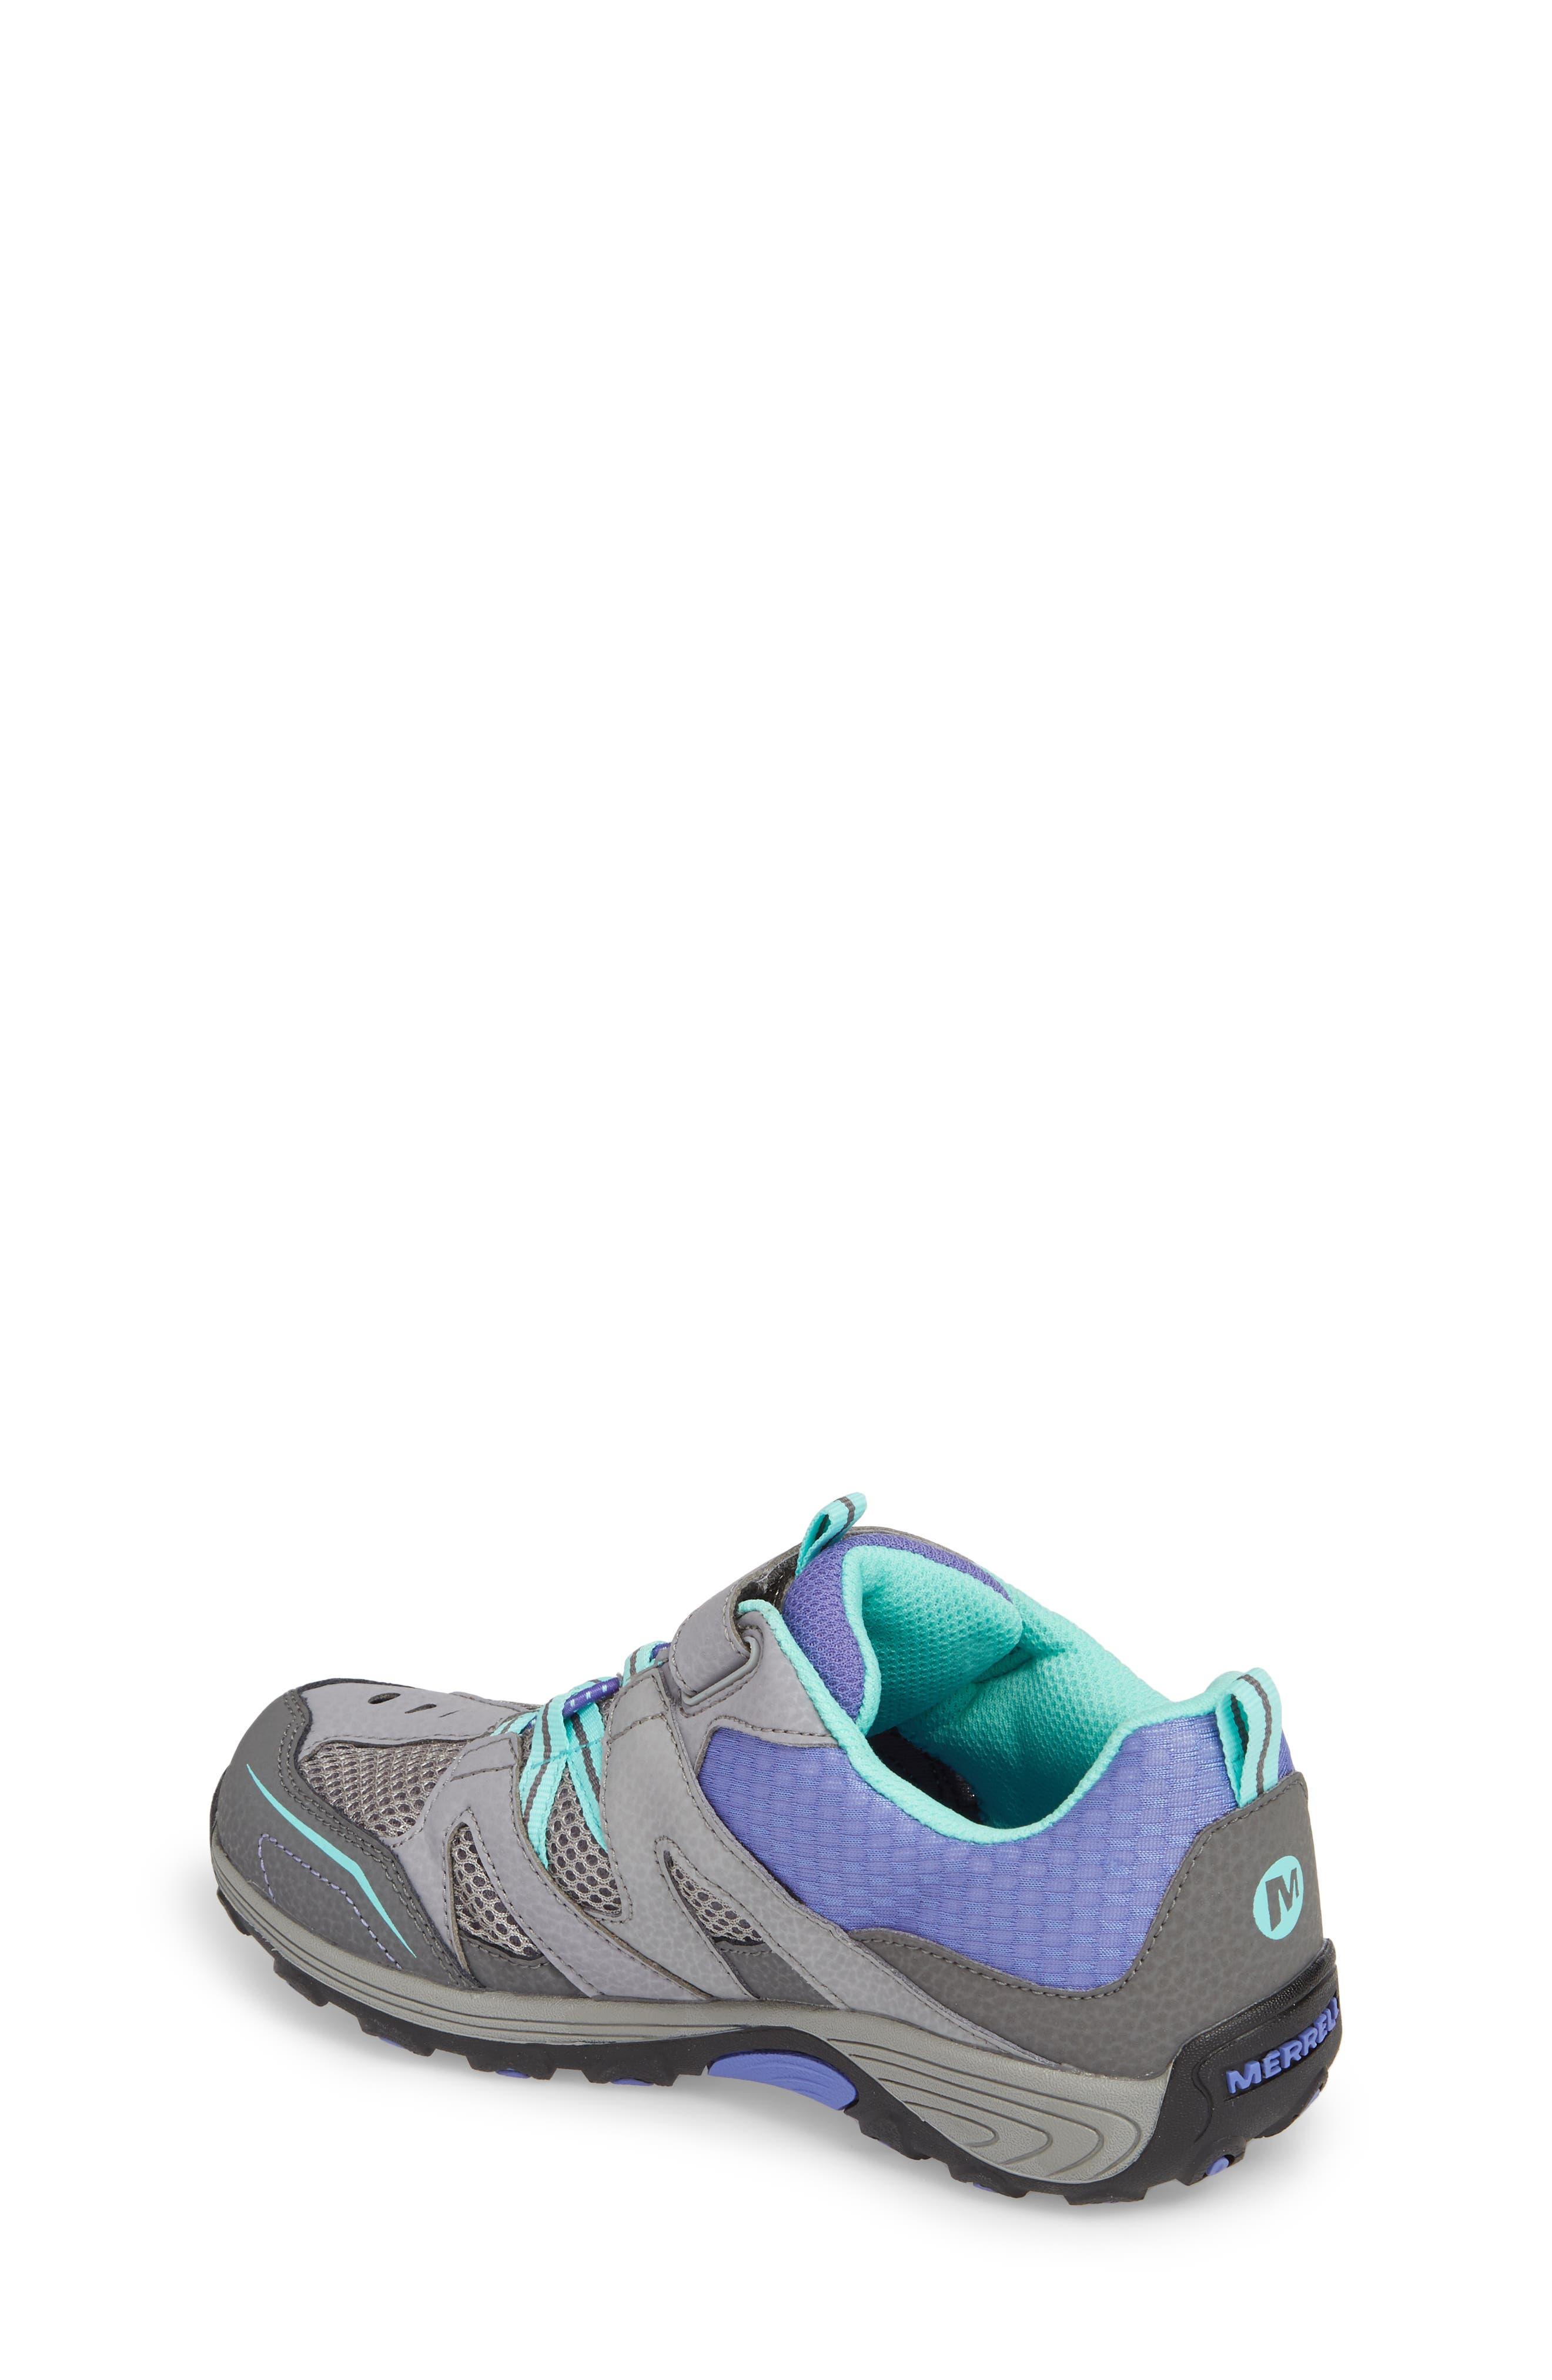 Alternate Image 2  - Merrell Trail Chaser Sneaker (Toddler, Little Kid & Big Kid)